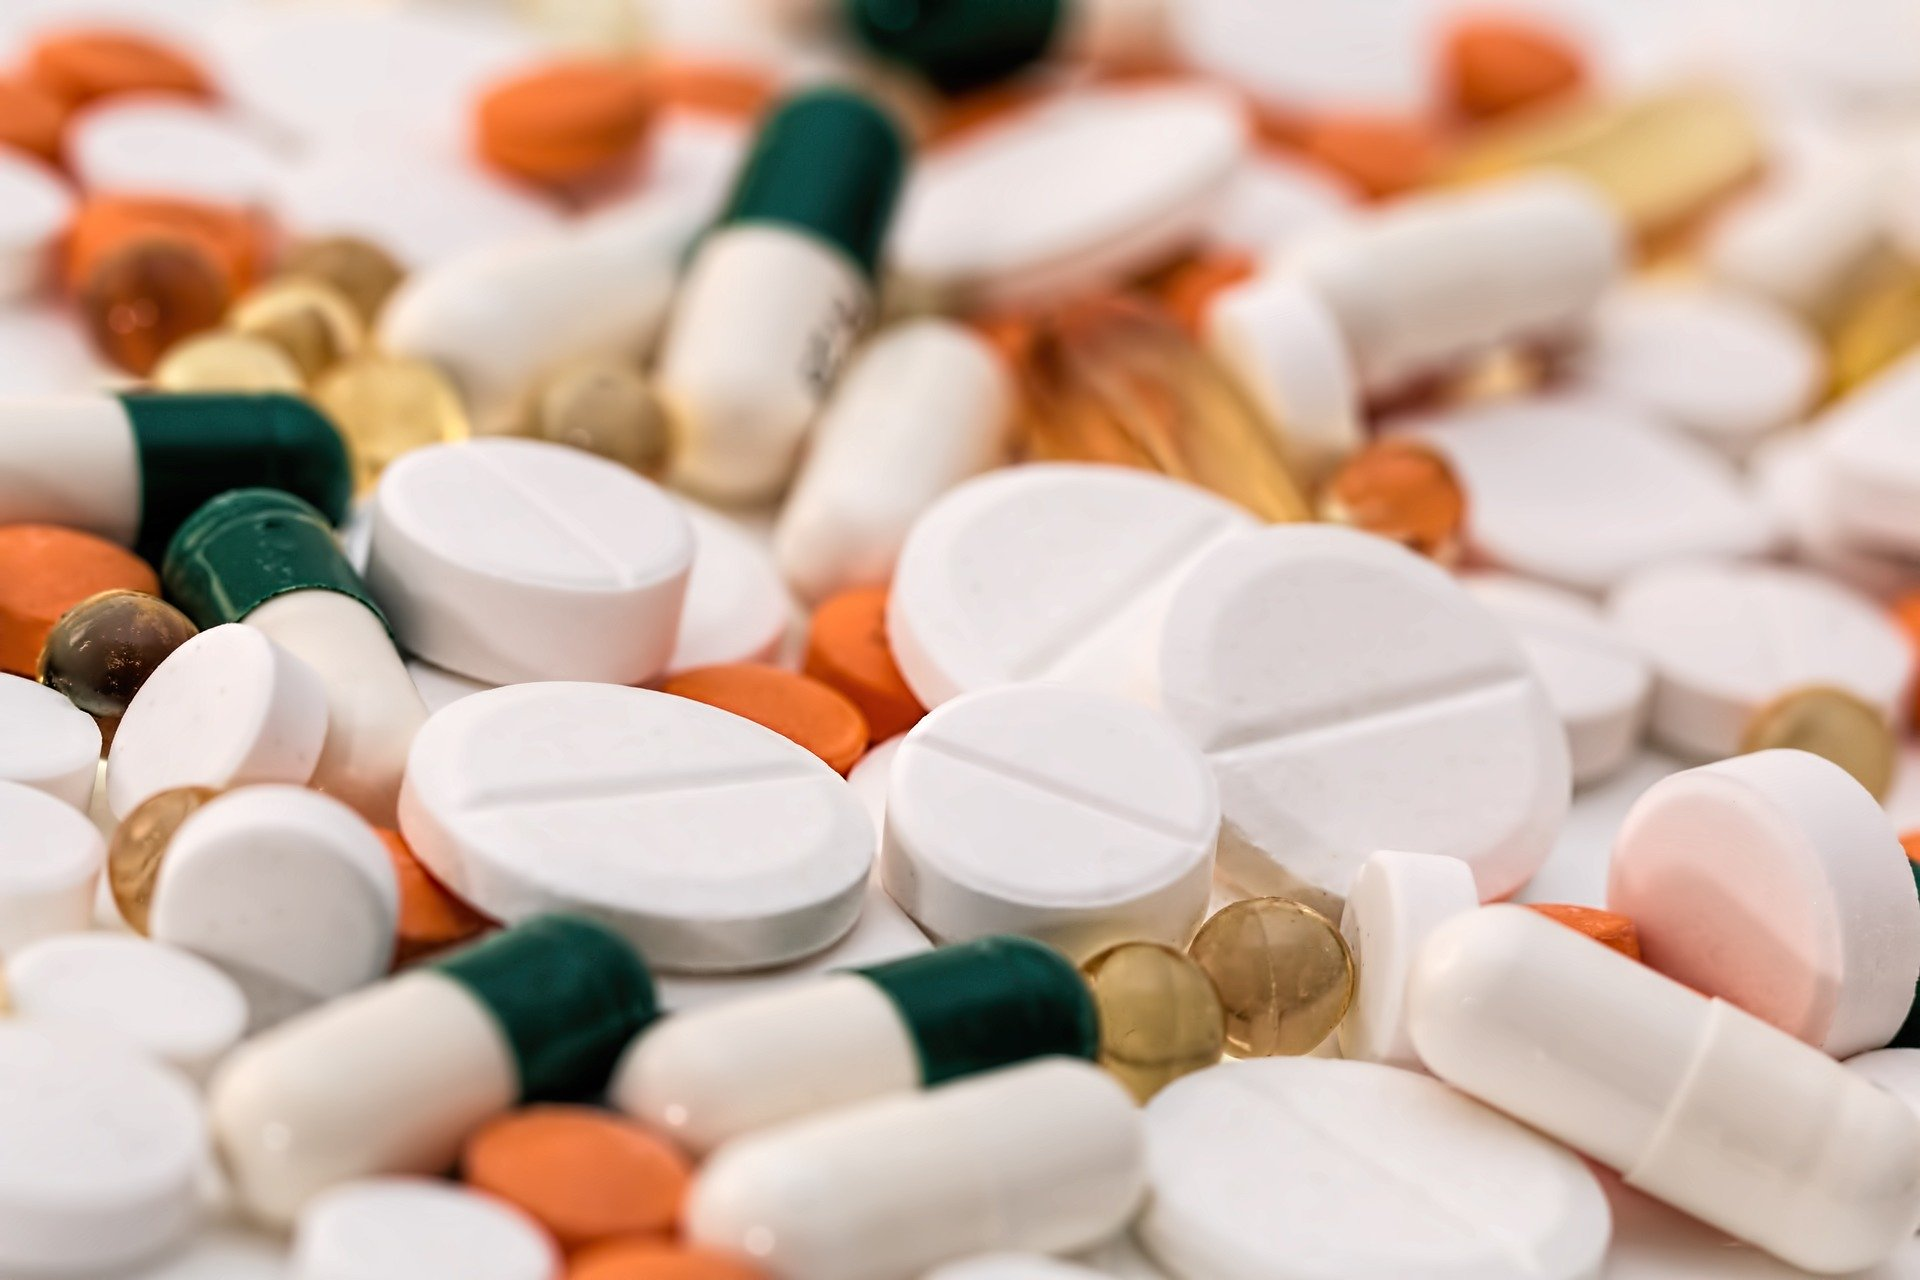 Muchos de los Suplementos Nutricionales Afirman Mejorar la Salud del Corazón. Sólo 3 funcionan